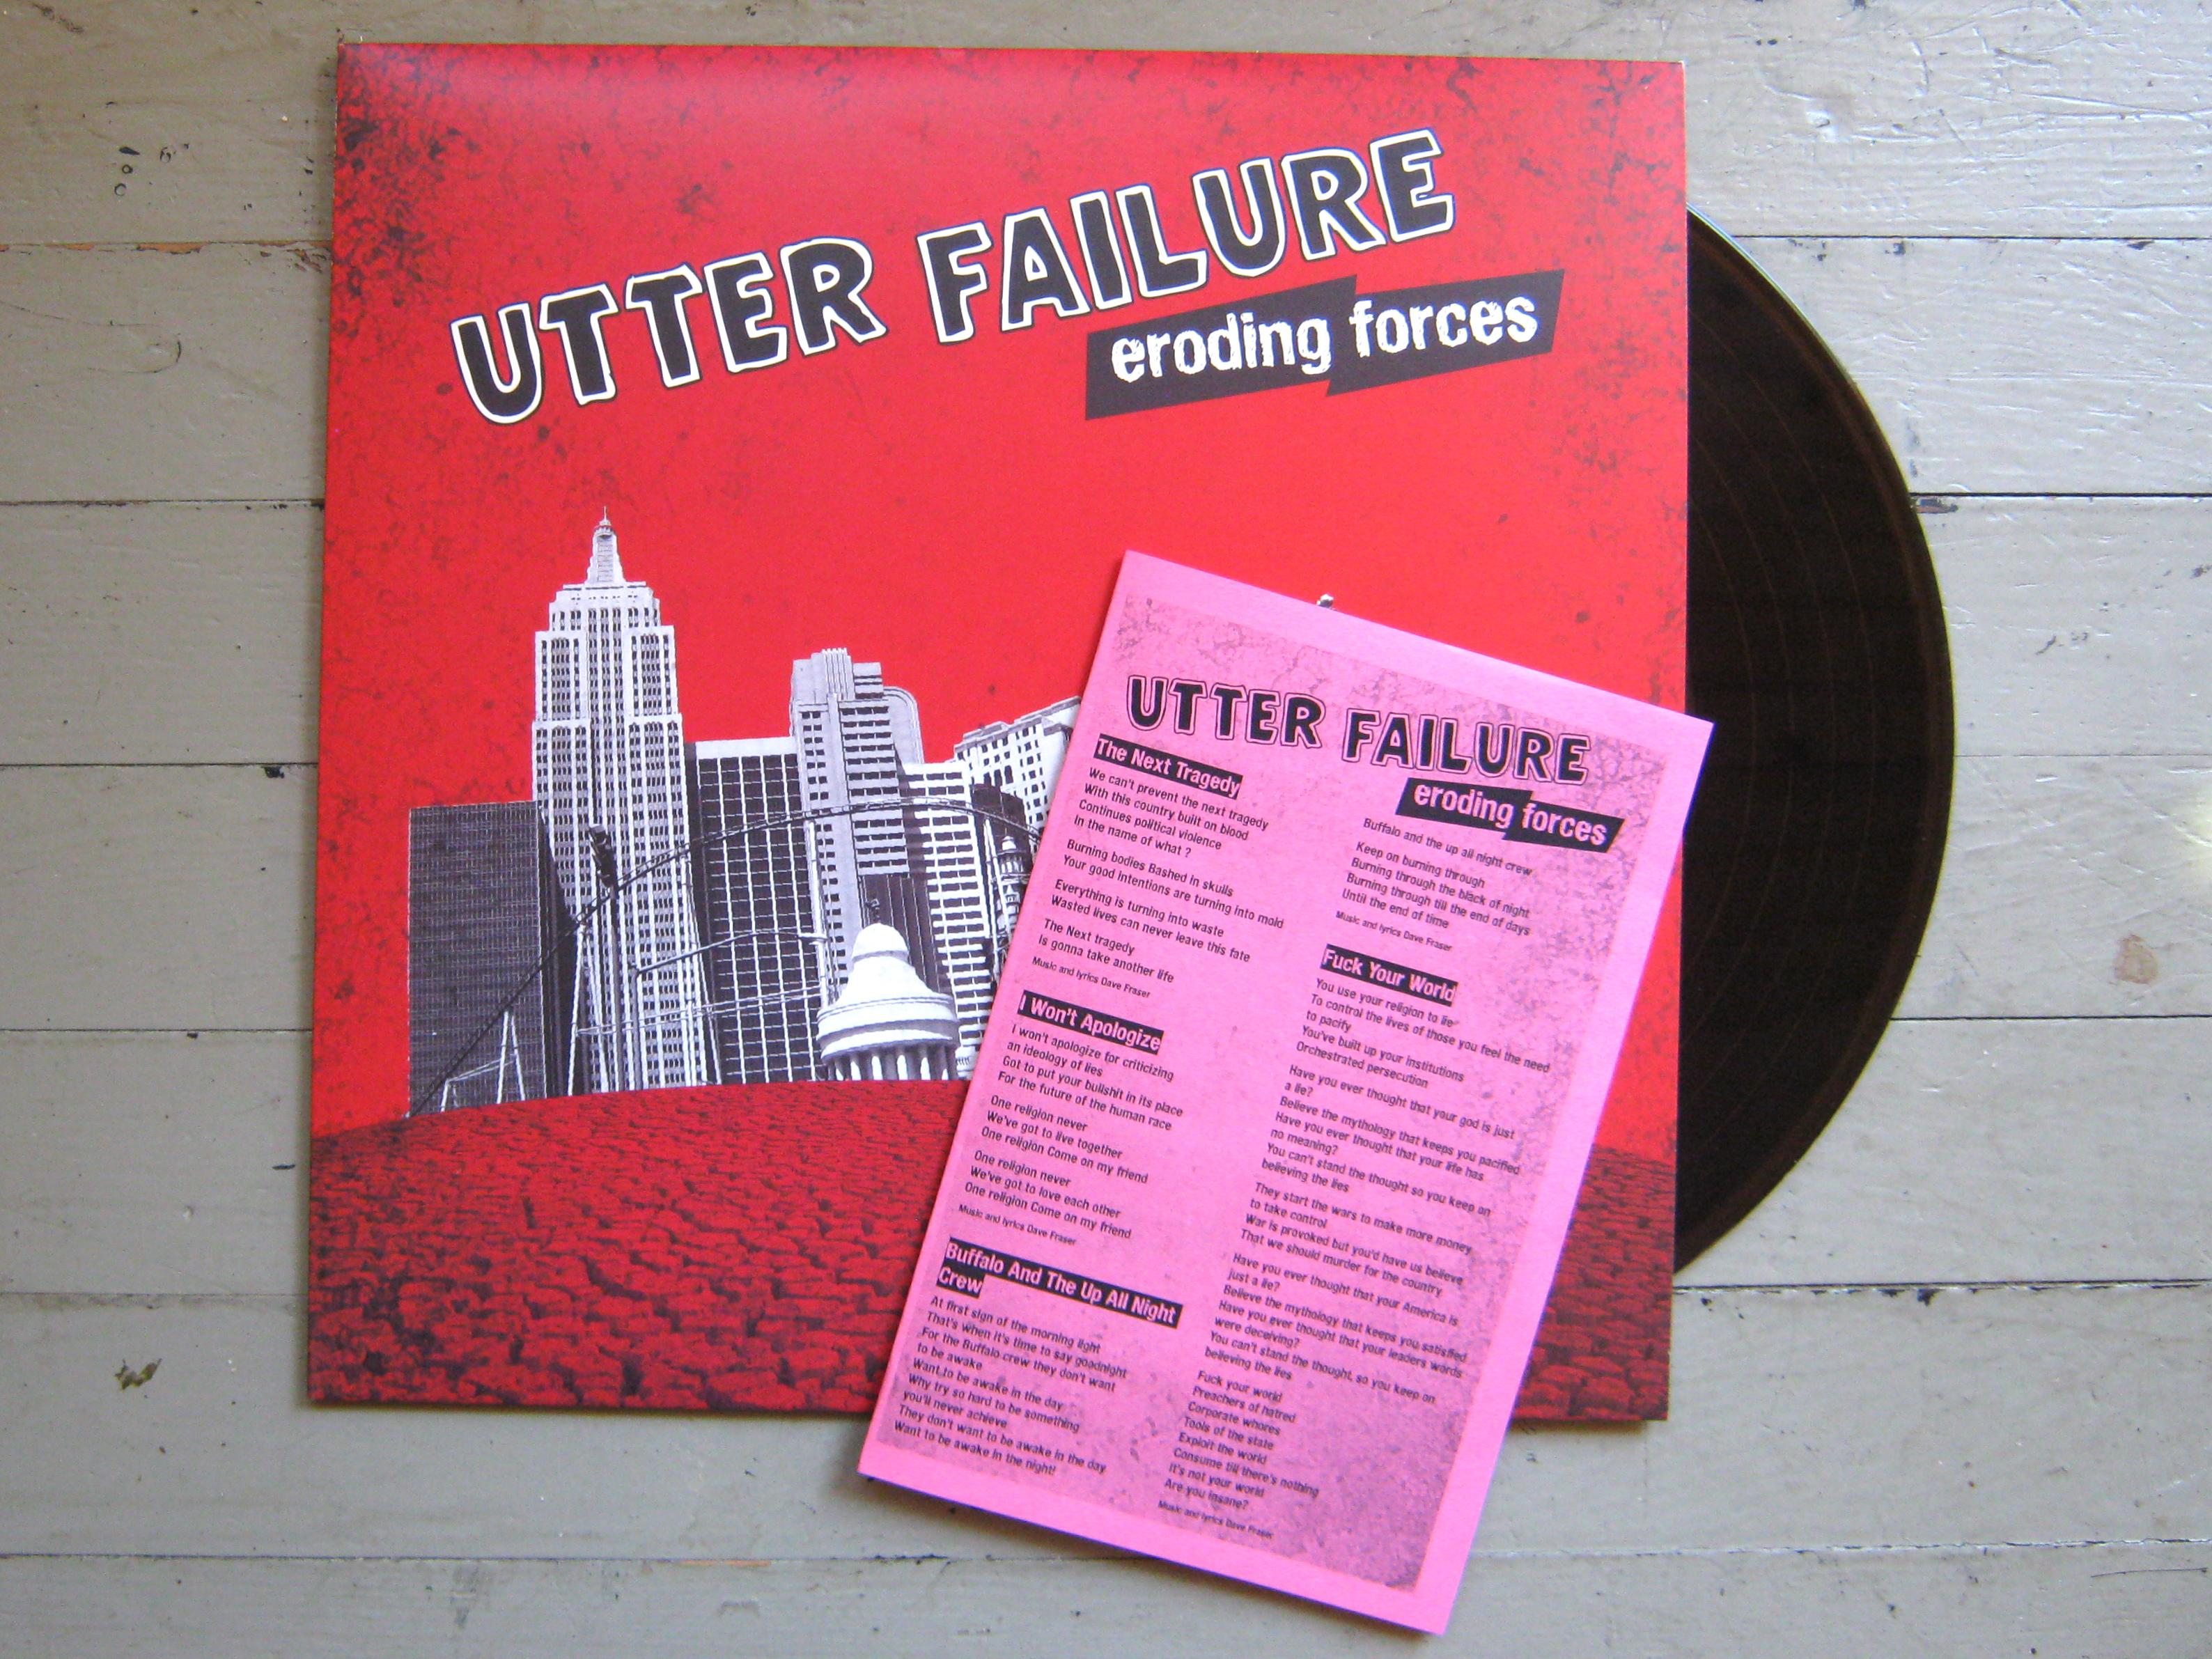 UTTER FAILURE